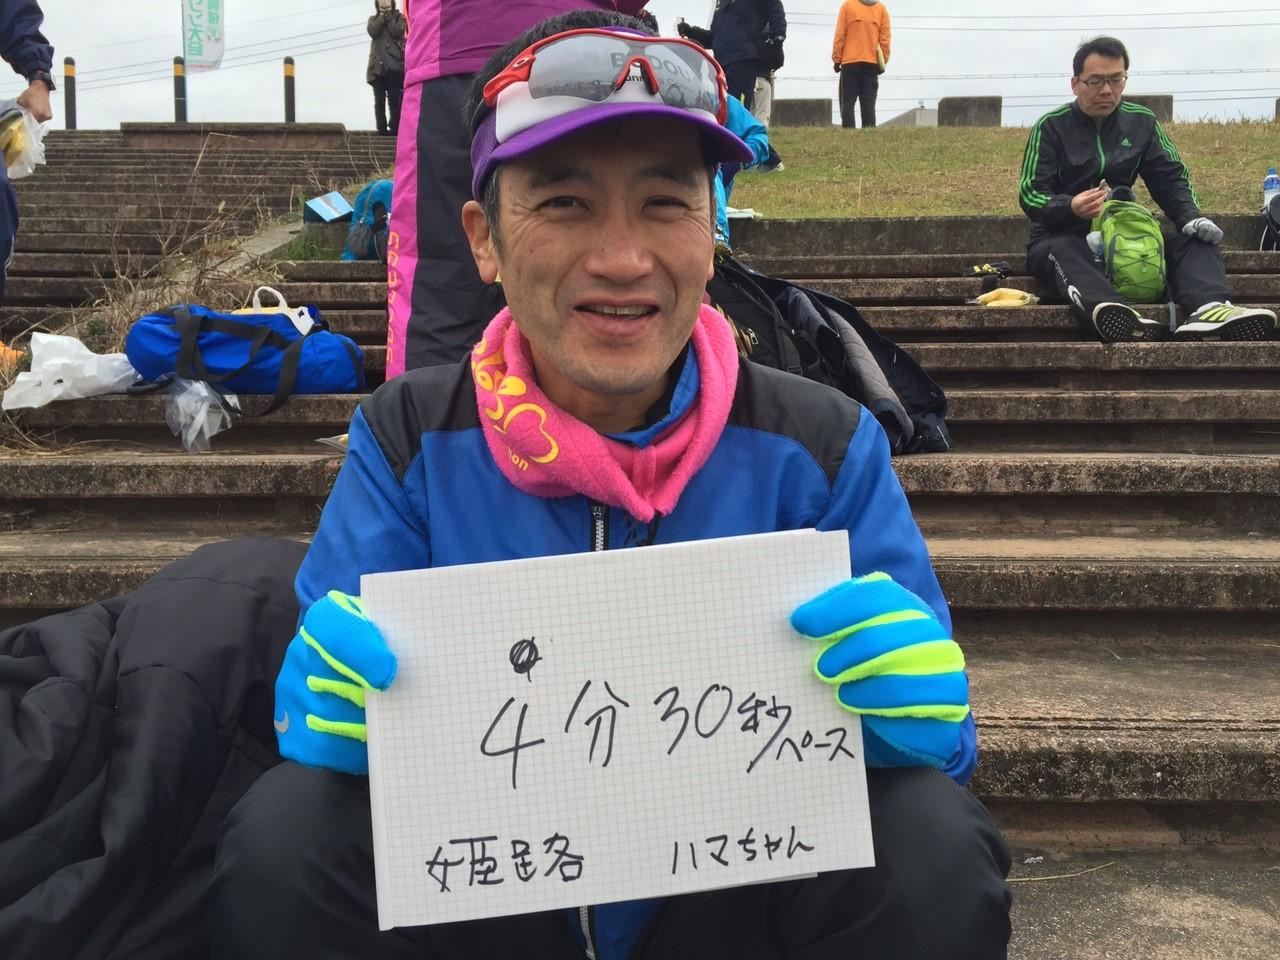 加古川マラソン目標_6571